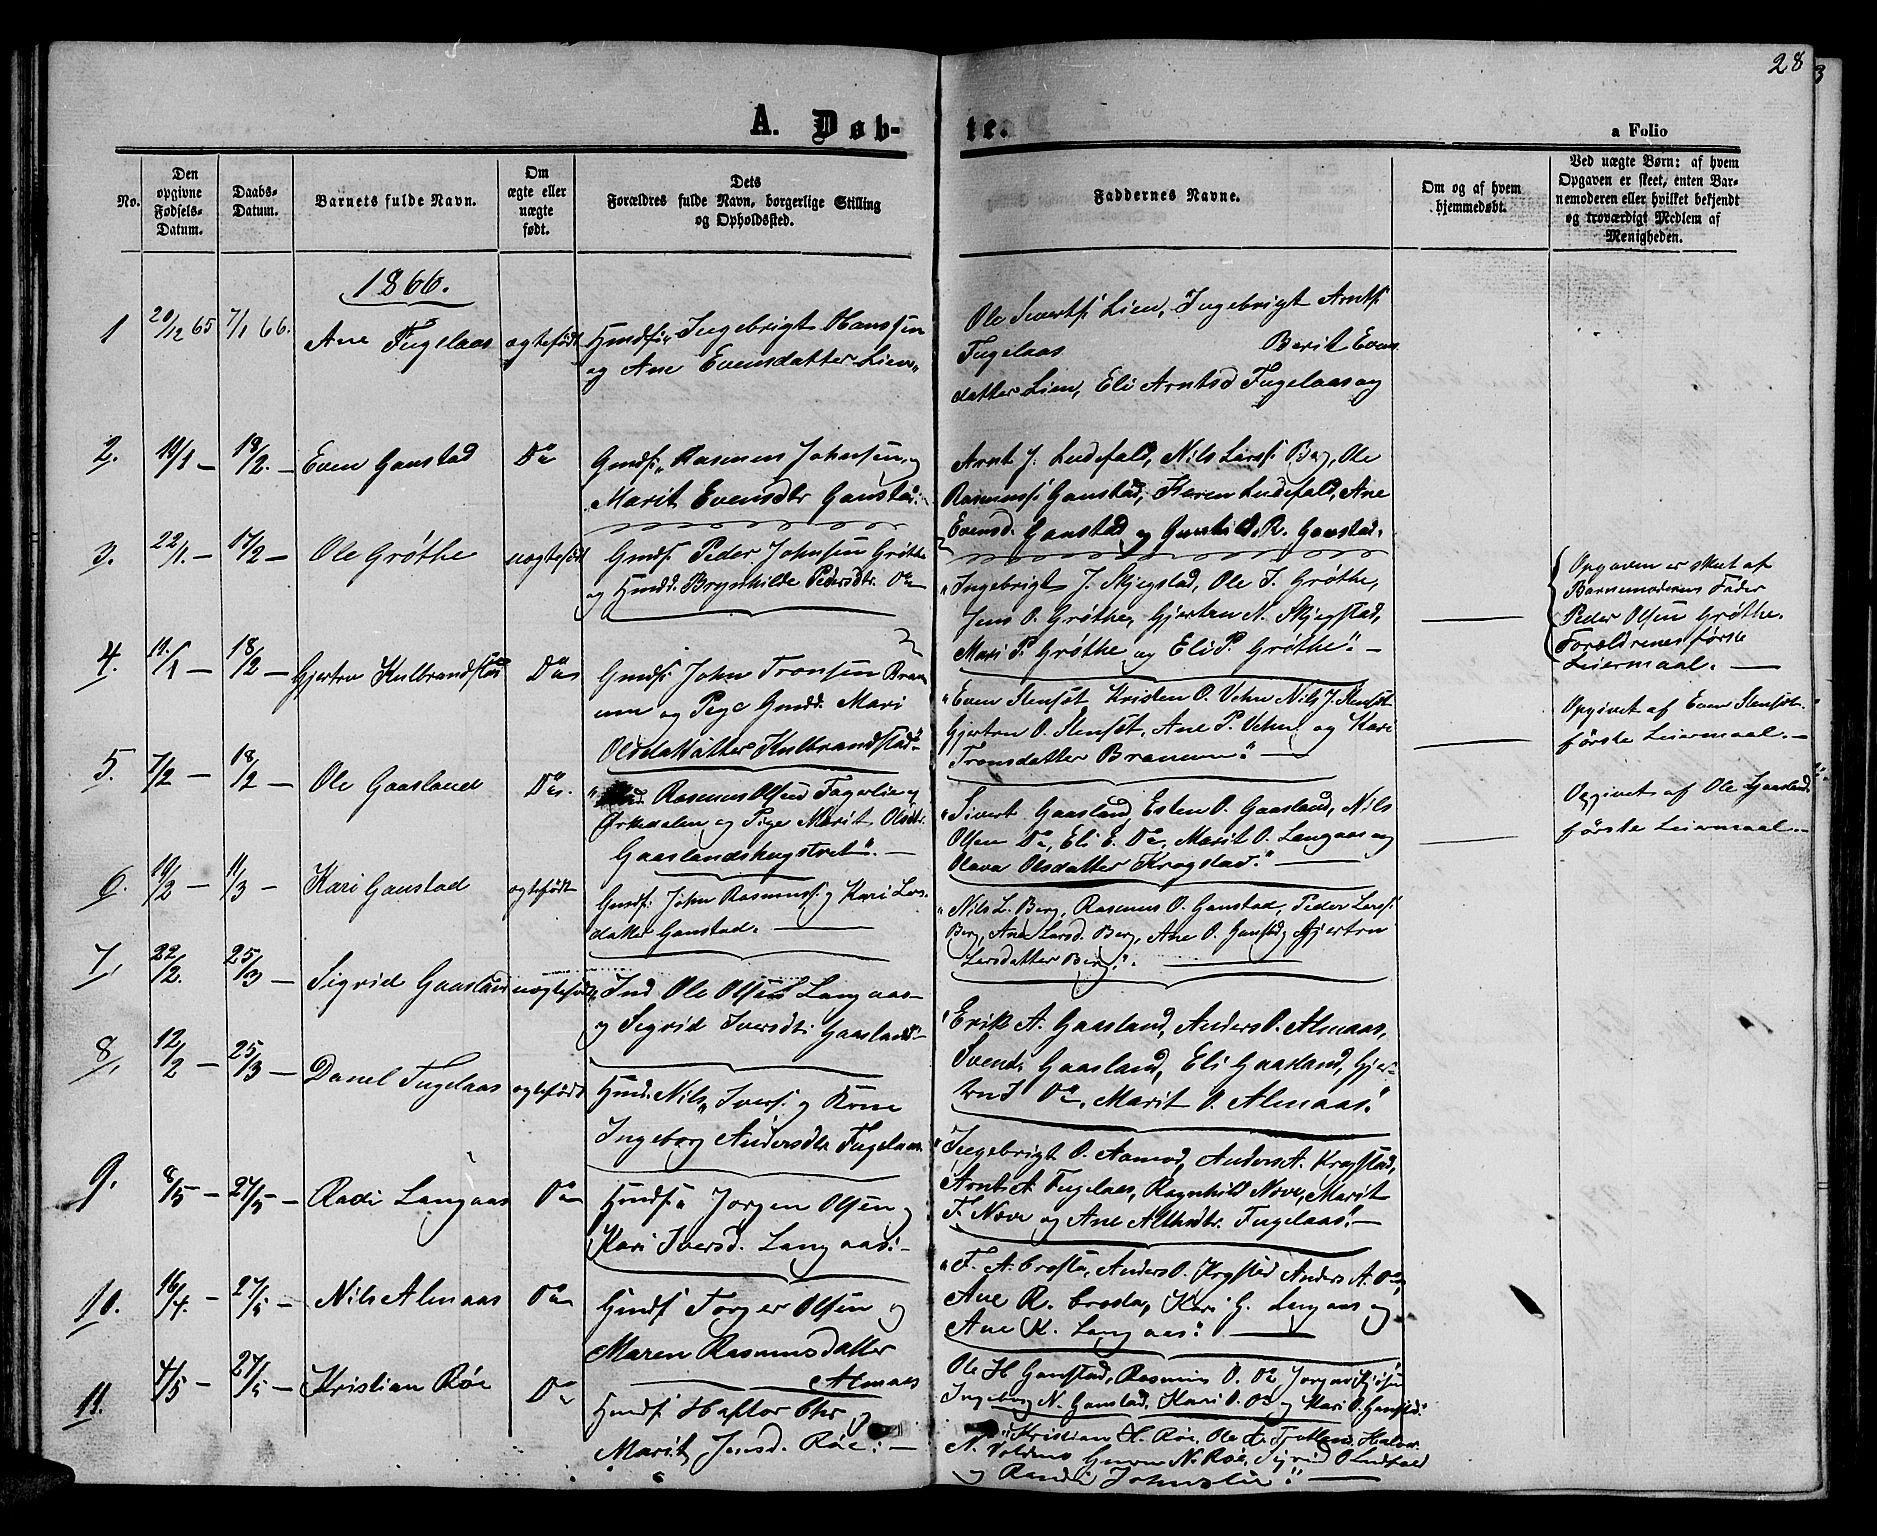 SAT, Ministerialprotokoller, klokkerbøker og fødselsregistre - Sør-Trøndelag, 694/L1131: Klokkerbok nr. 694C03, 1858-1886, s. 28